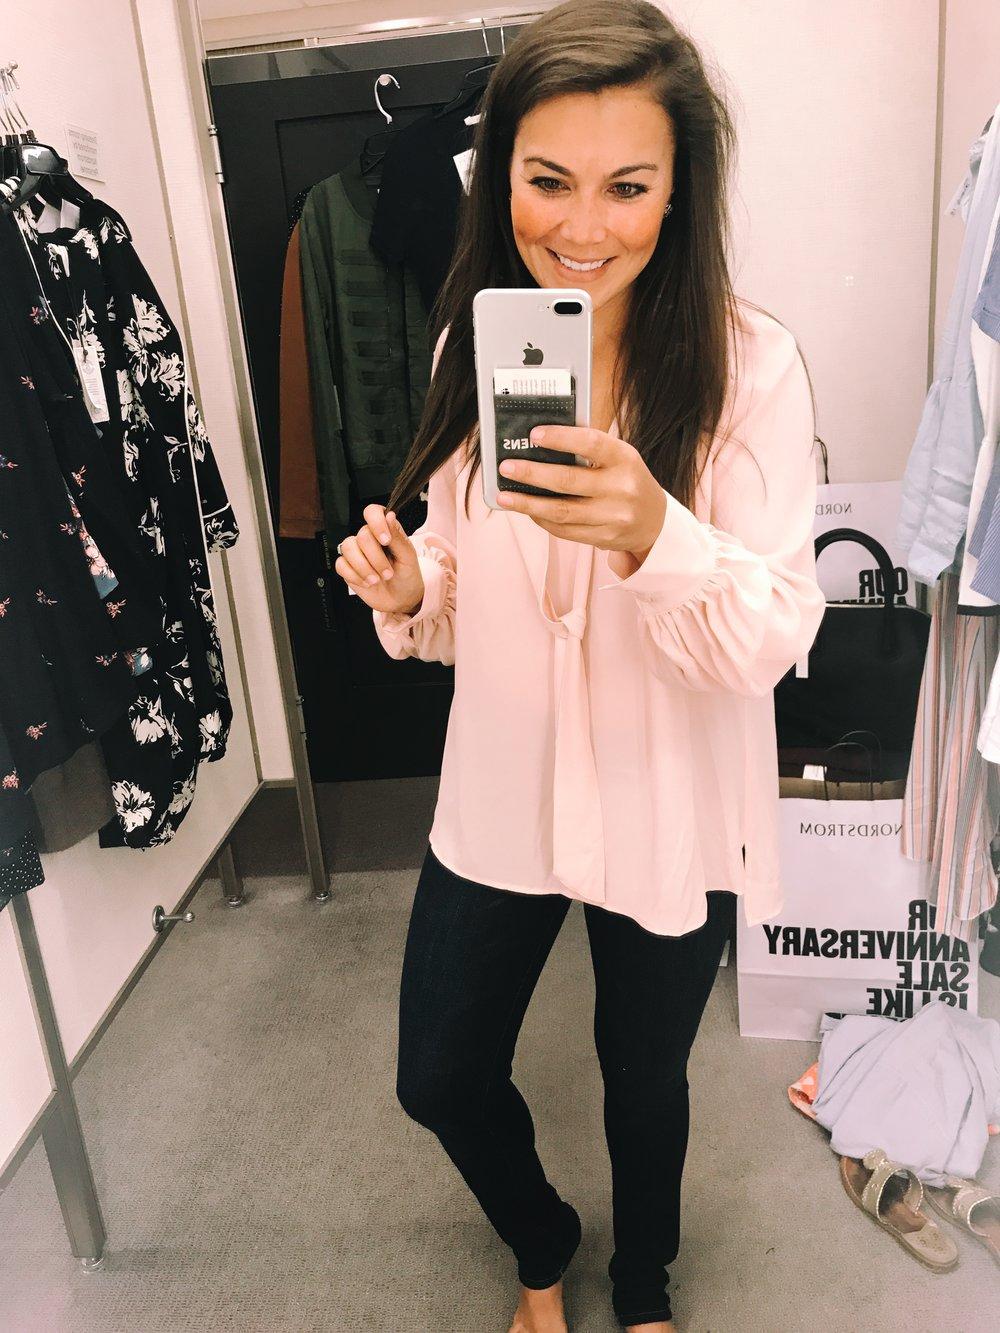 Blush tie blouse $45.90 // Jeans $59.90